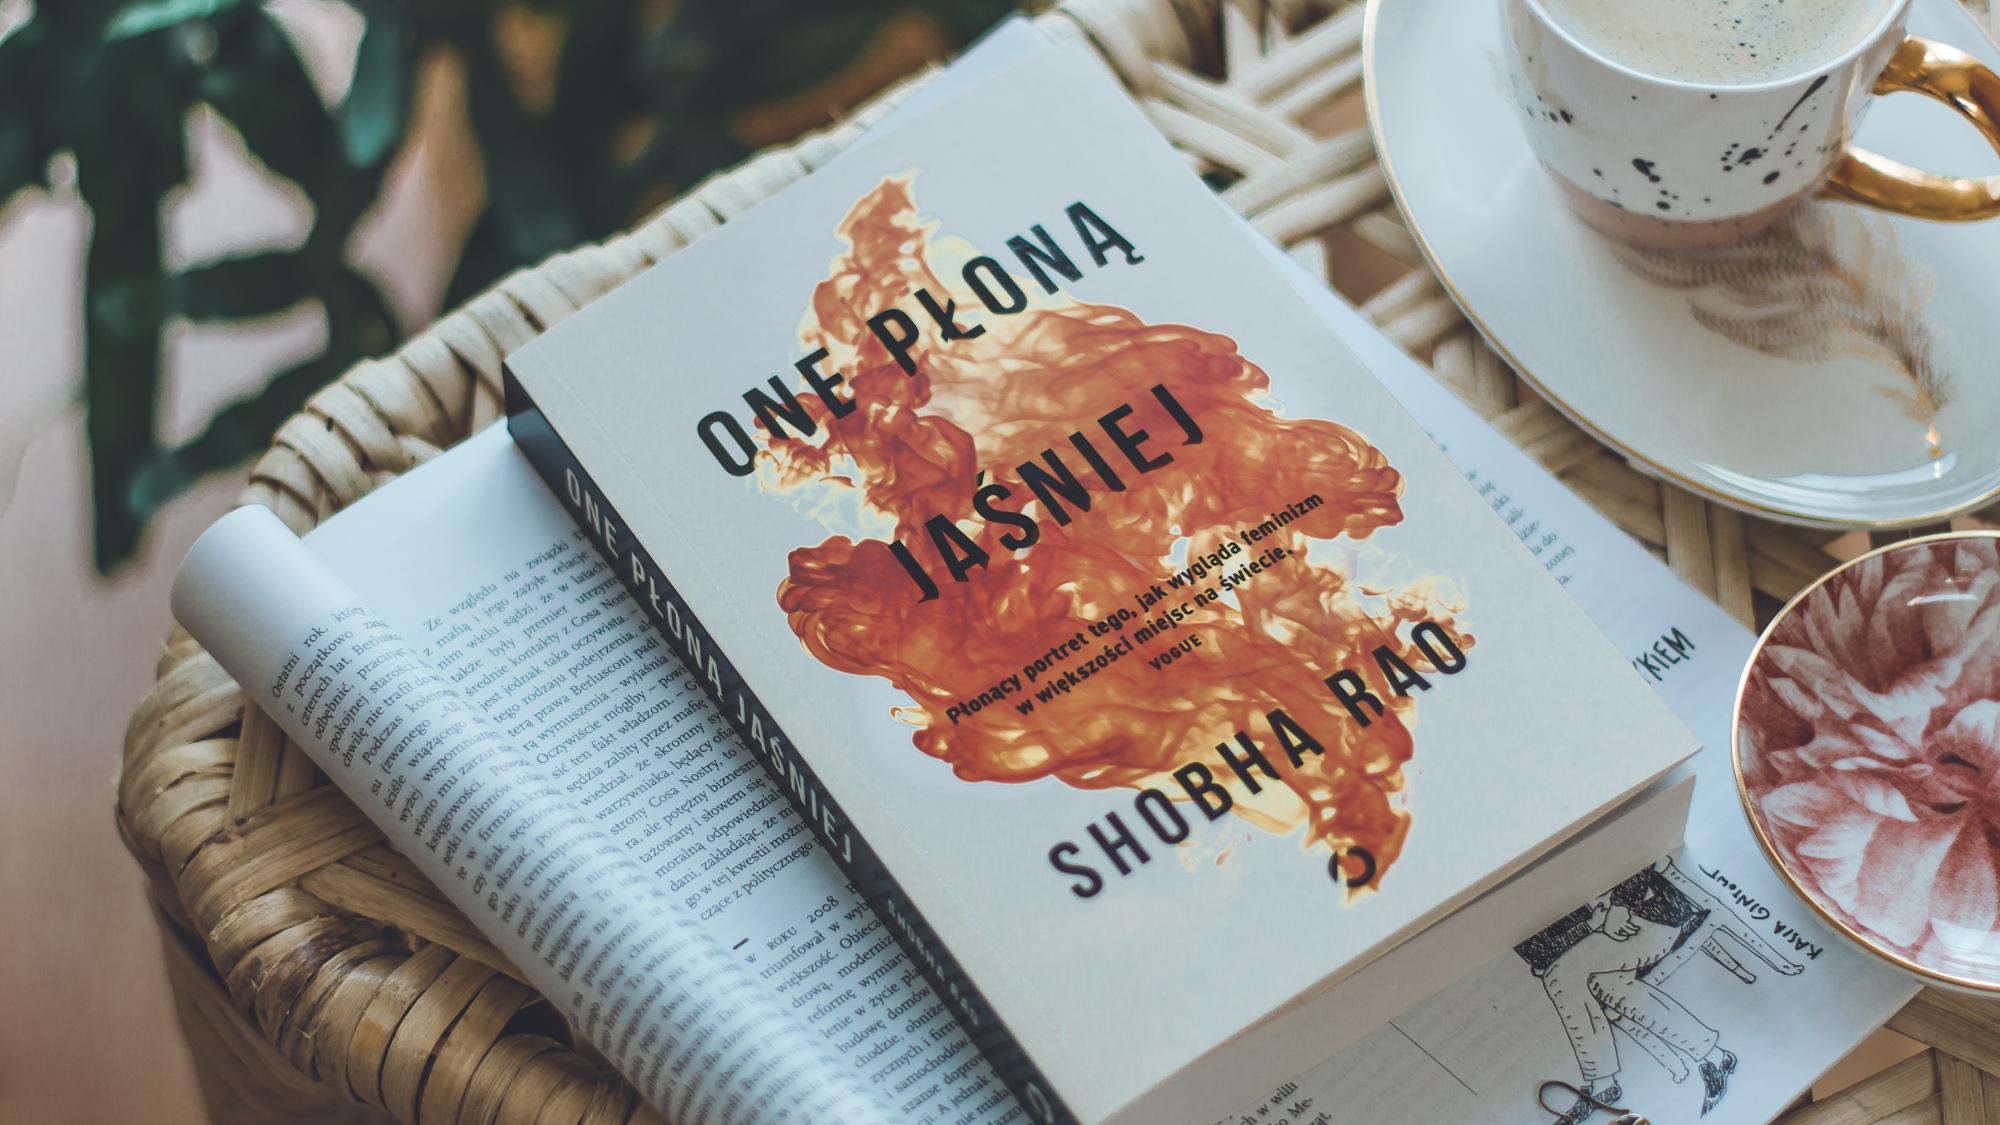 One płoną jaśniej – Shobha Rao